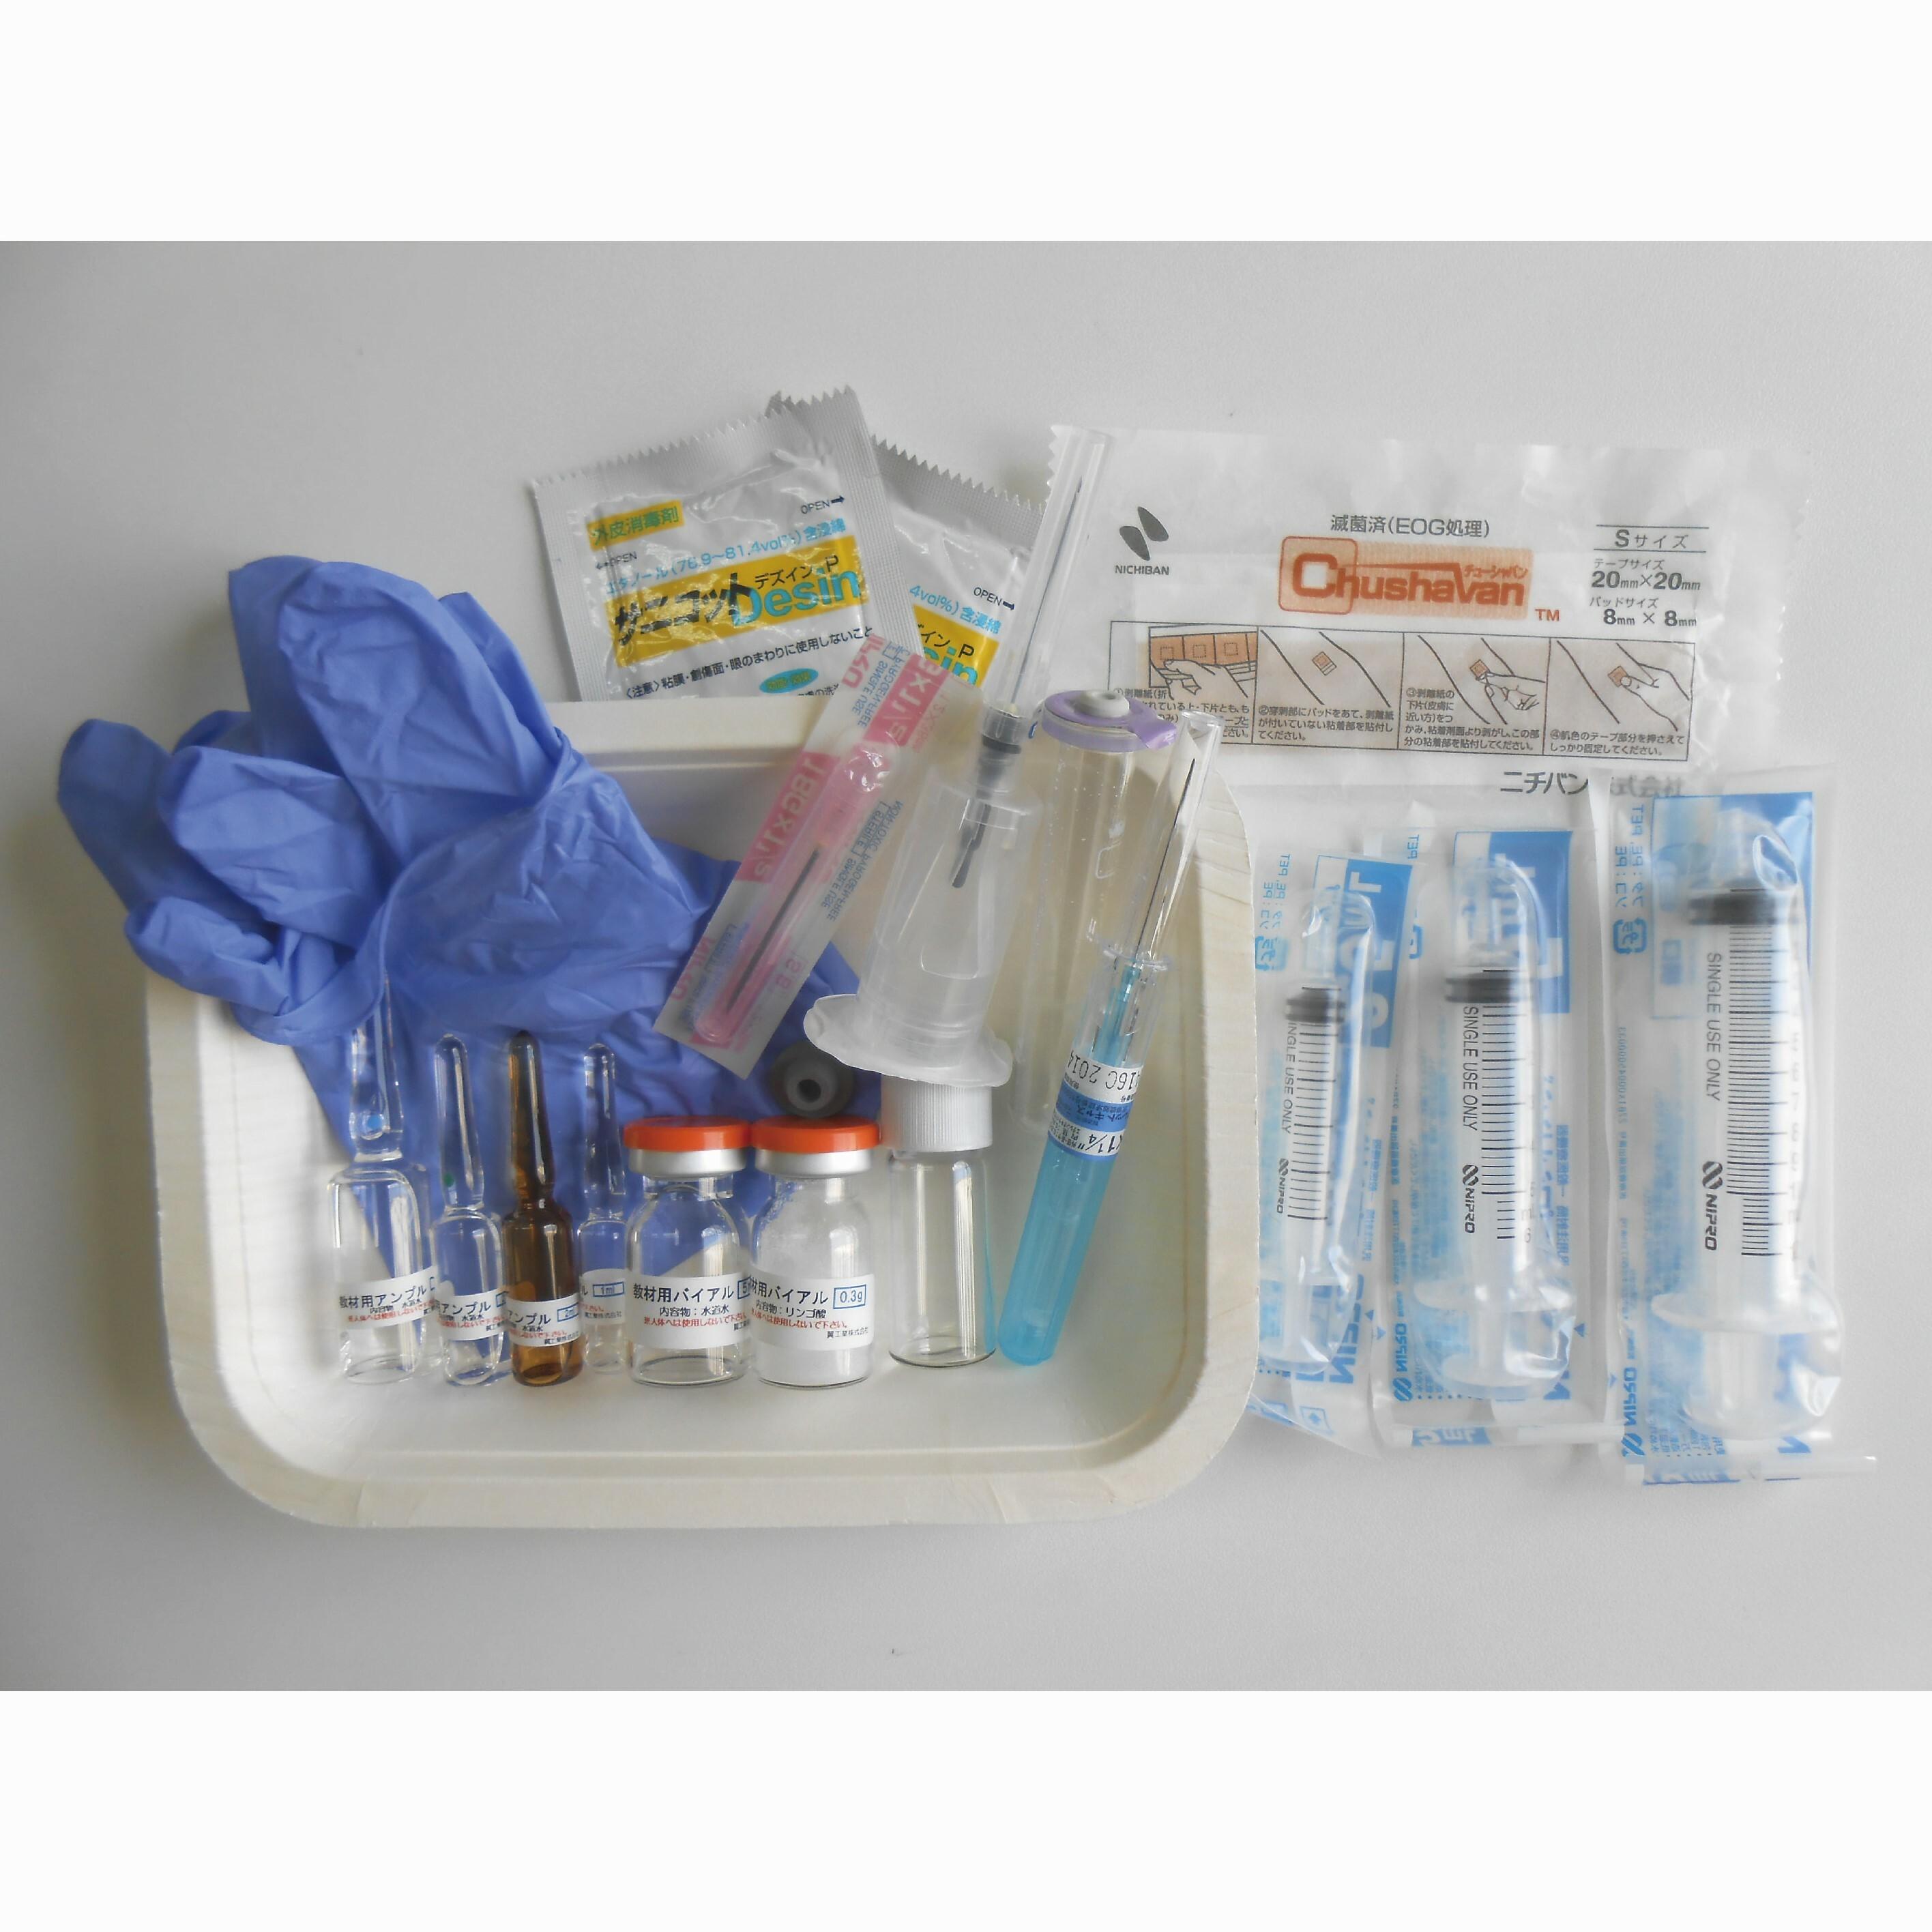 注射セット(医療機器・医薬品ではありません)※写真は参考例です。セット内容によって価格が変わります。